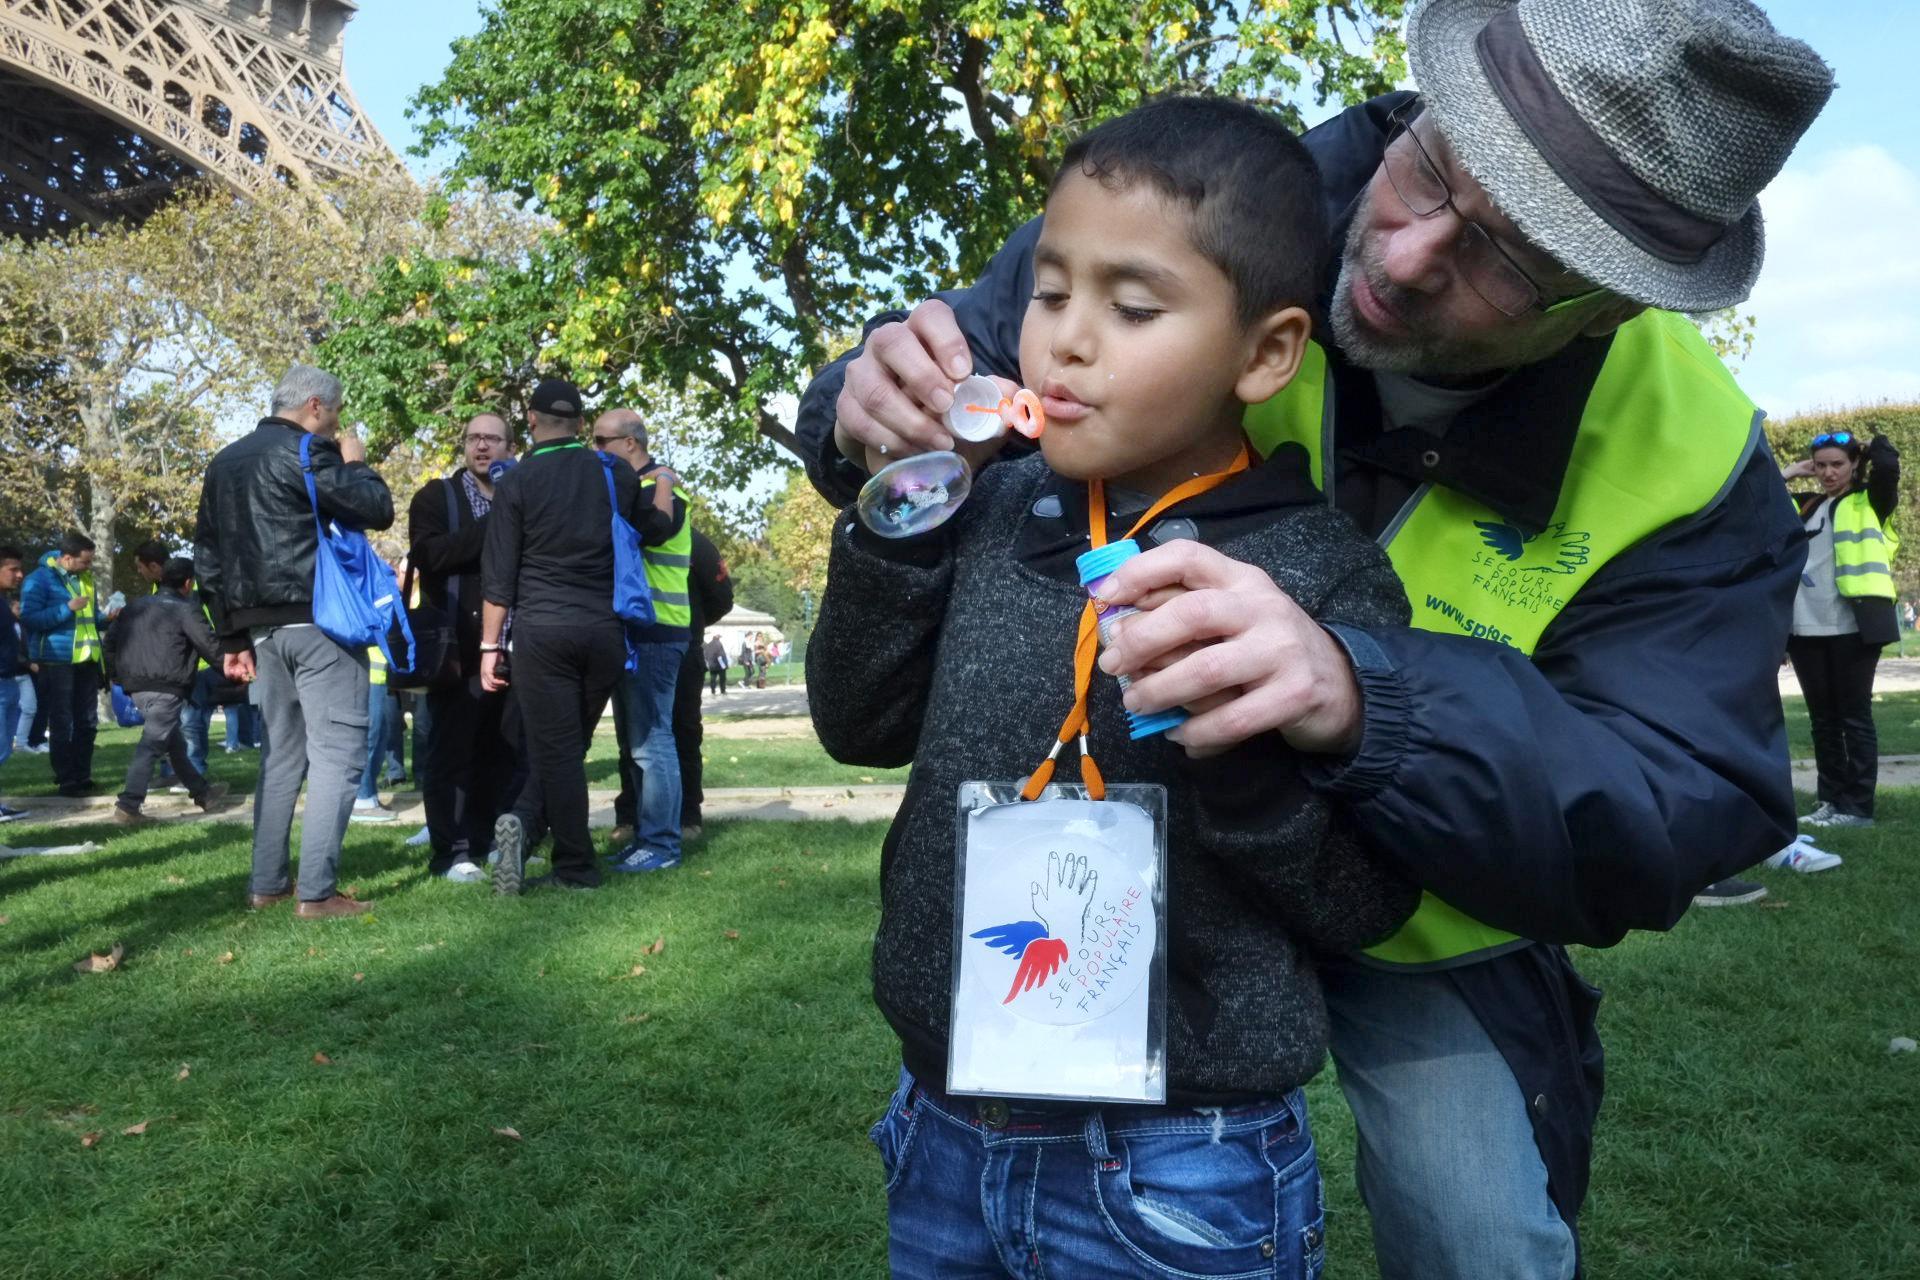 Sortie à Paris organisée par les bénévoles du SPF du Val-d'Oise pour les migrants - réfugiés, en septembre 2015.